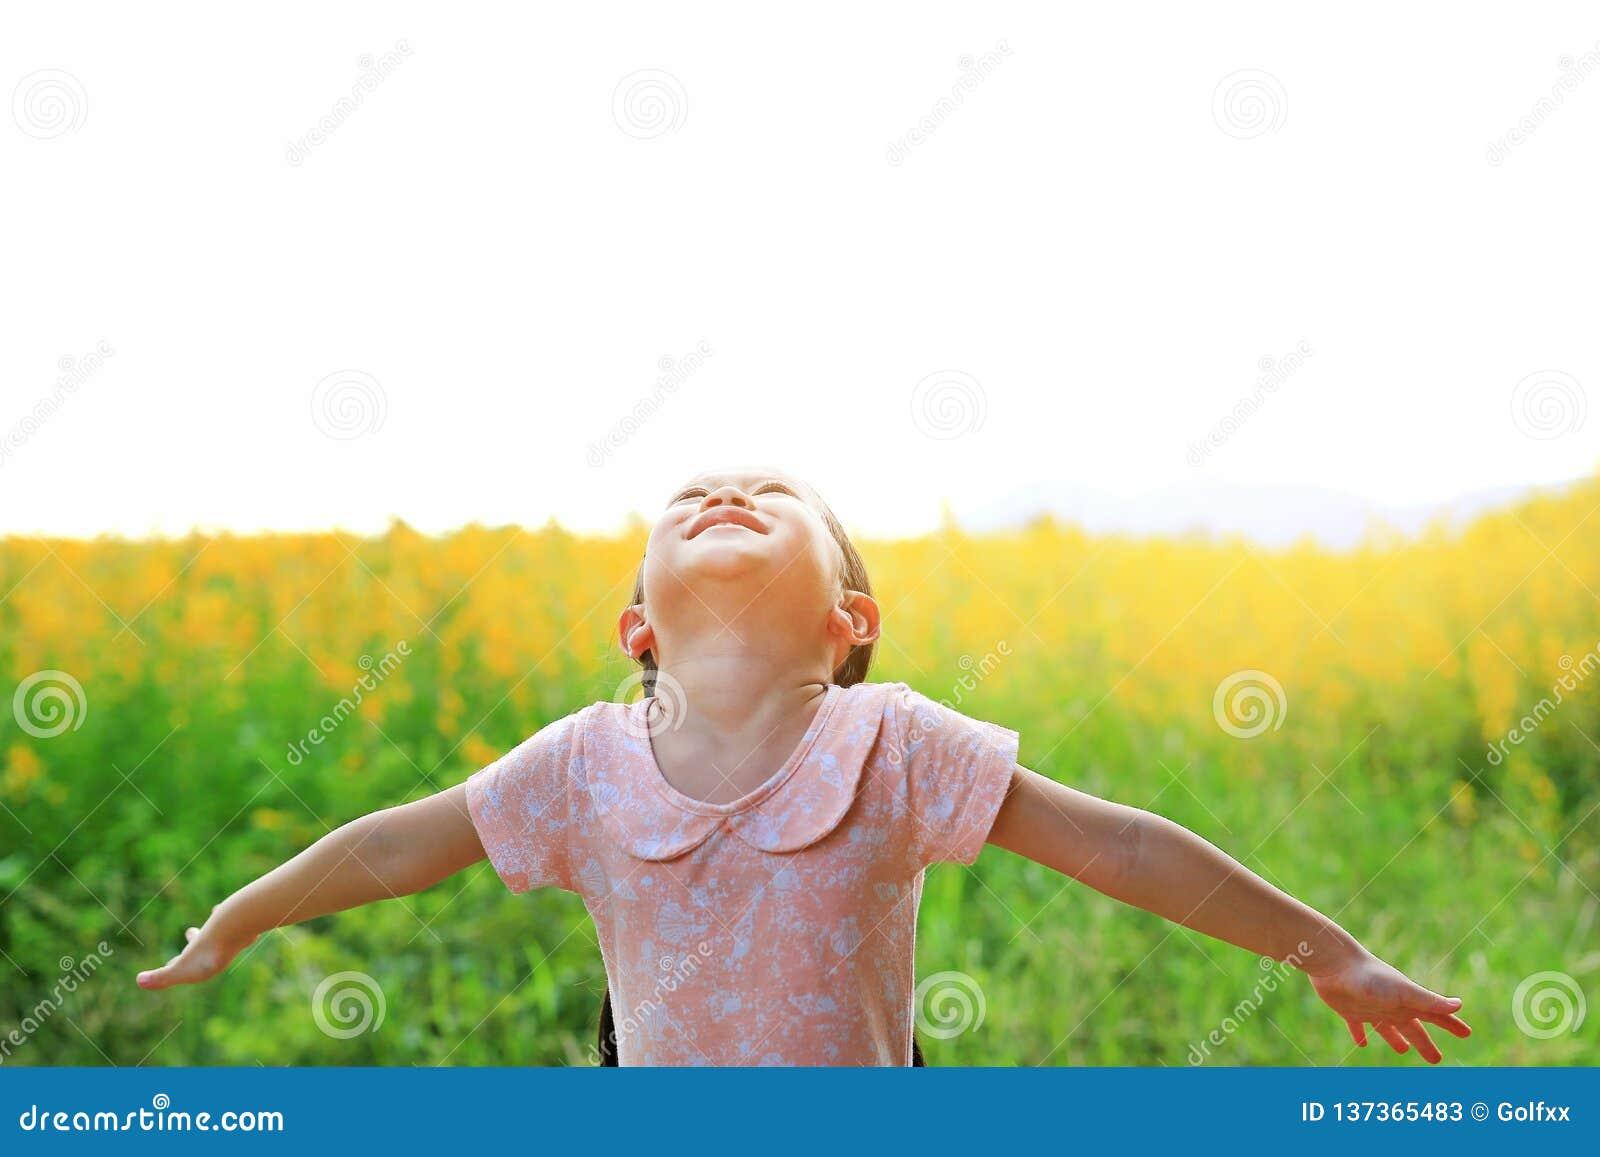 Λατρευτό λίγο ασιατικό κορίτσι παιδιών που αισθάνεται ελεύθερο με χαλαρώνει τις αγκάλες ευρέως ανοικτές Sunhemp στον τομέα με τα